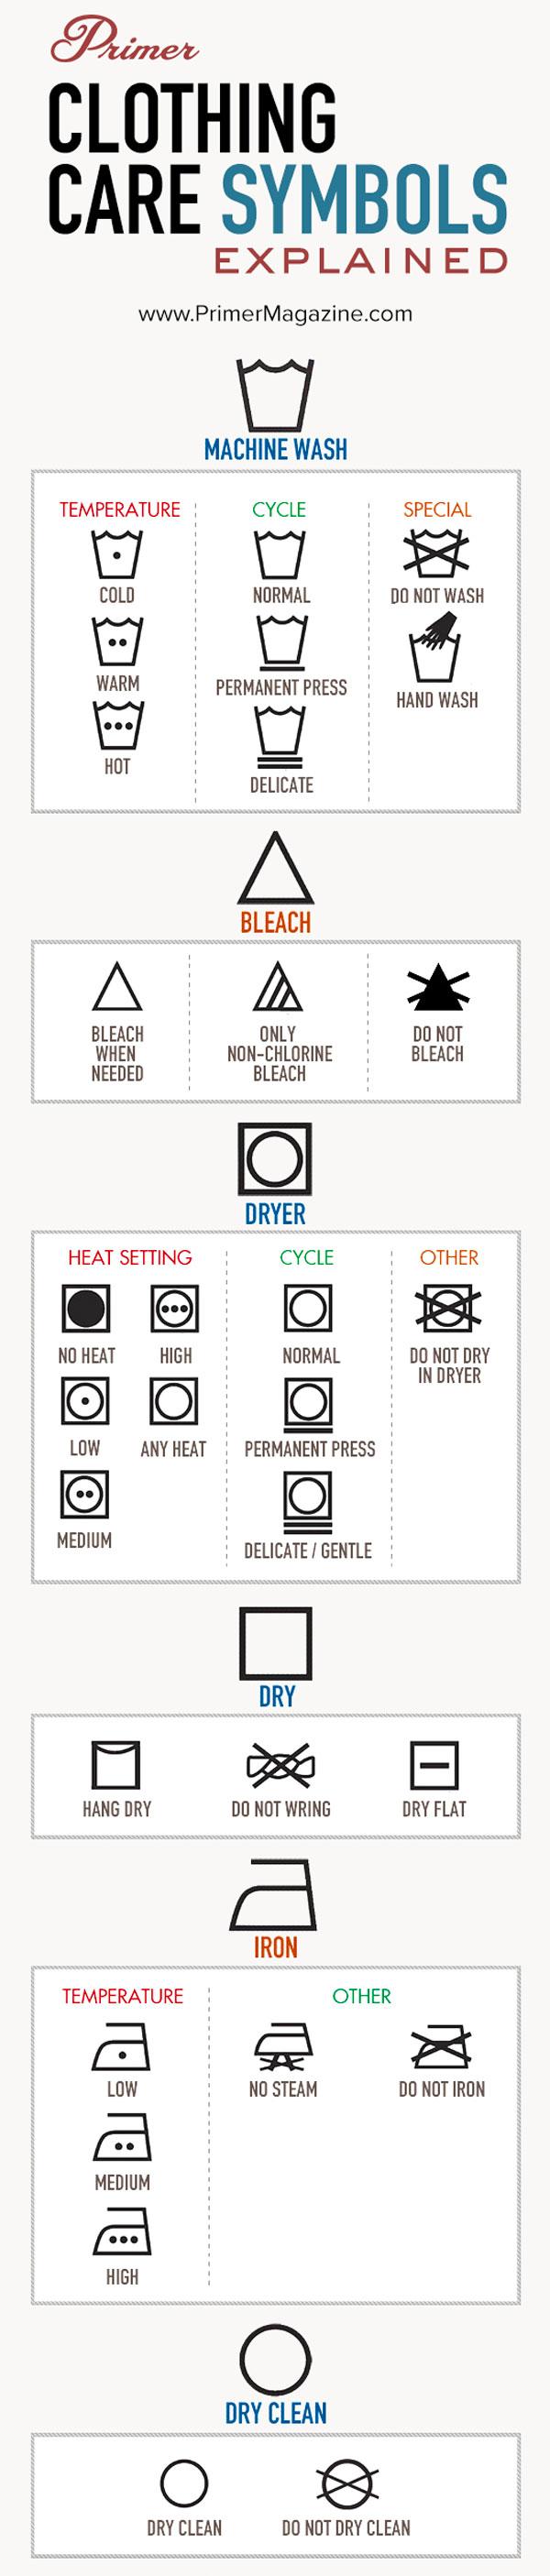 laundry clothing tag care symbols explained